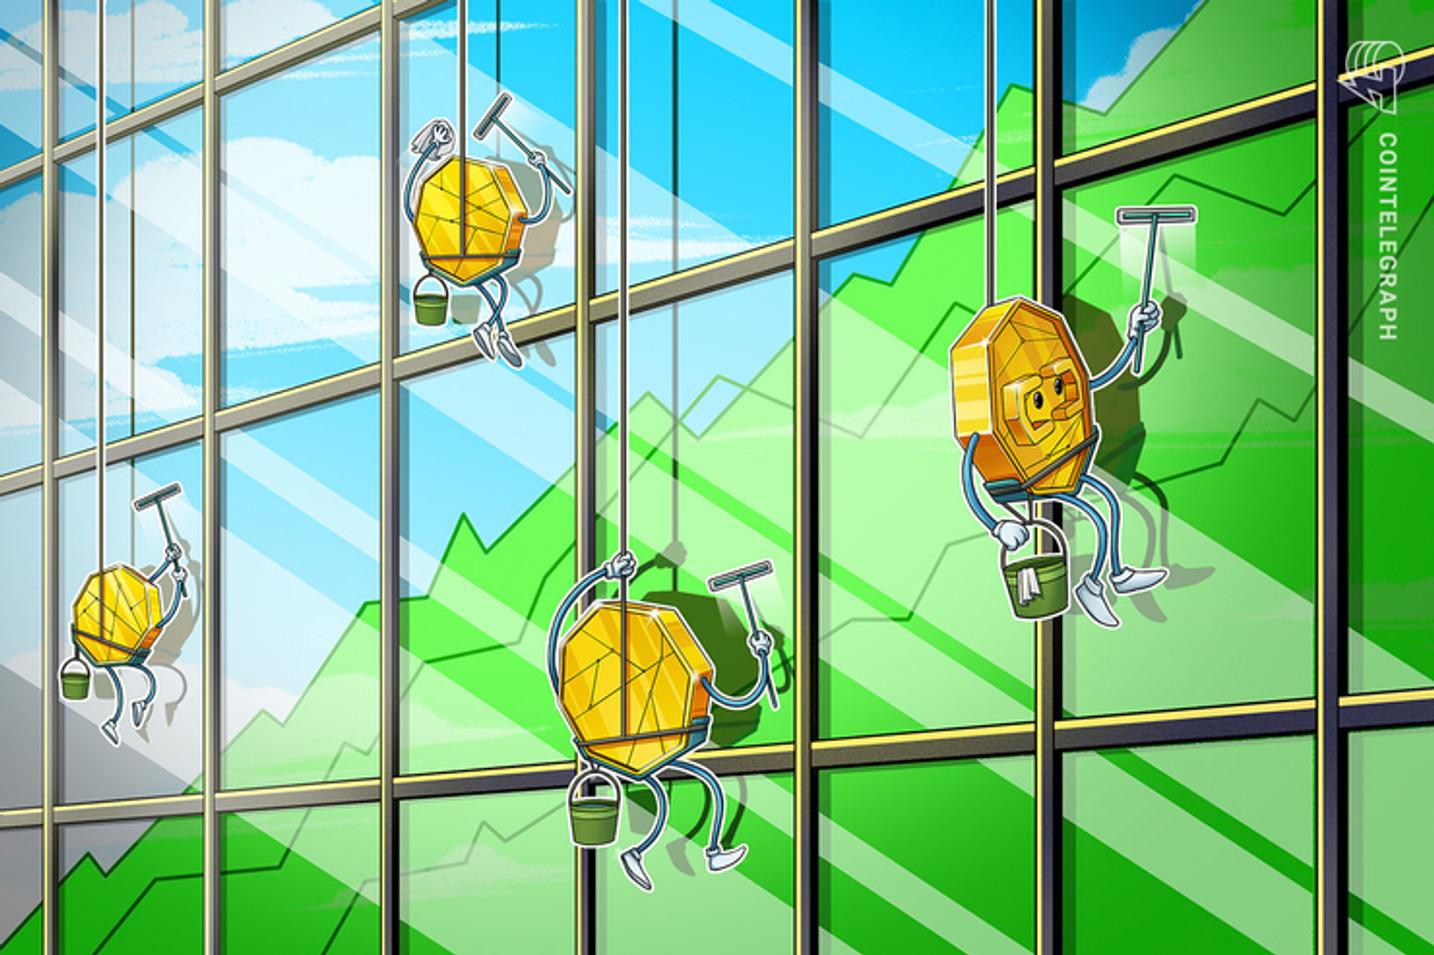 Bitcoin foi o melhor investimento de 2019 mas o pior em dezembro, destaca Valor Econômico